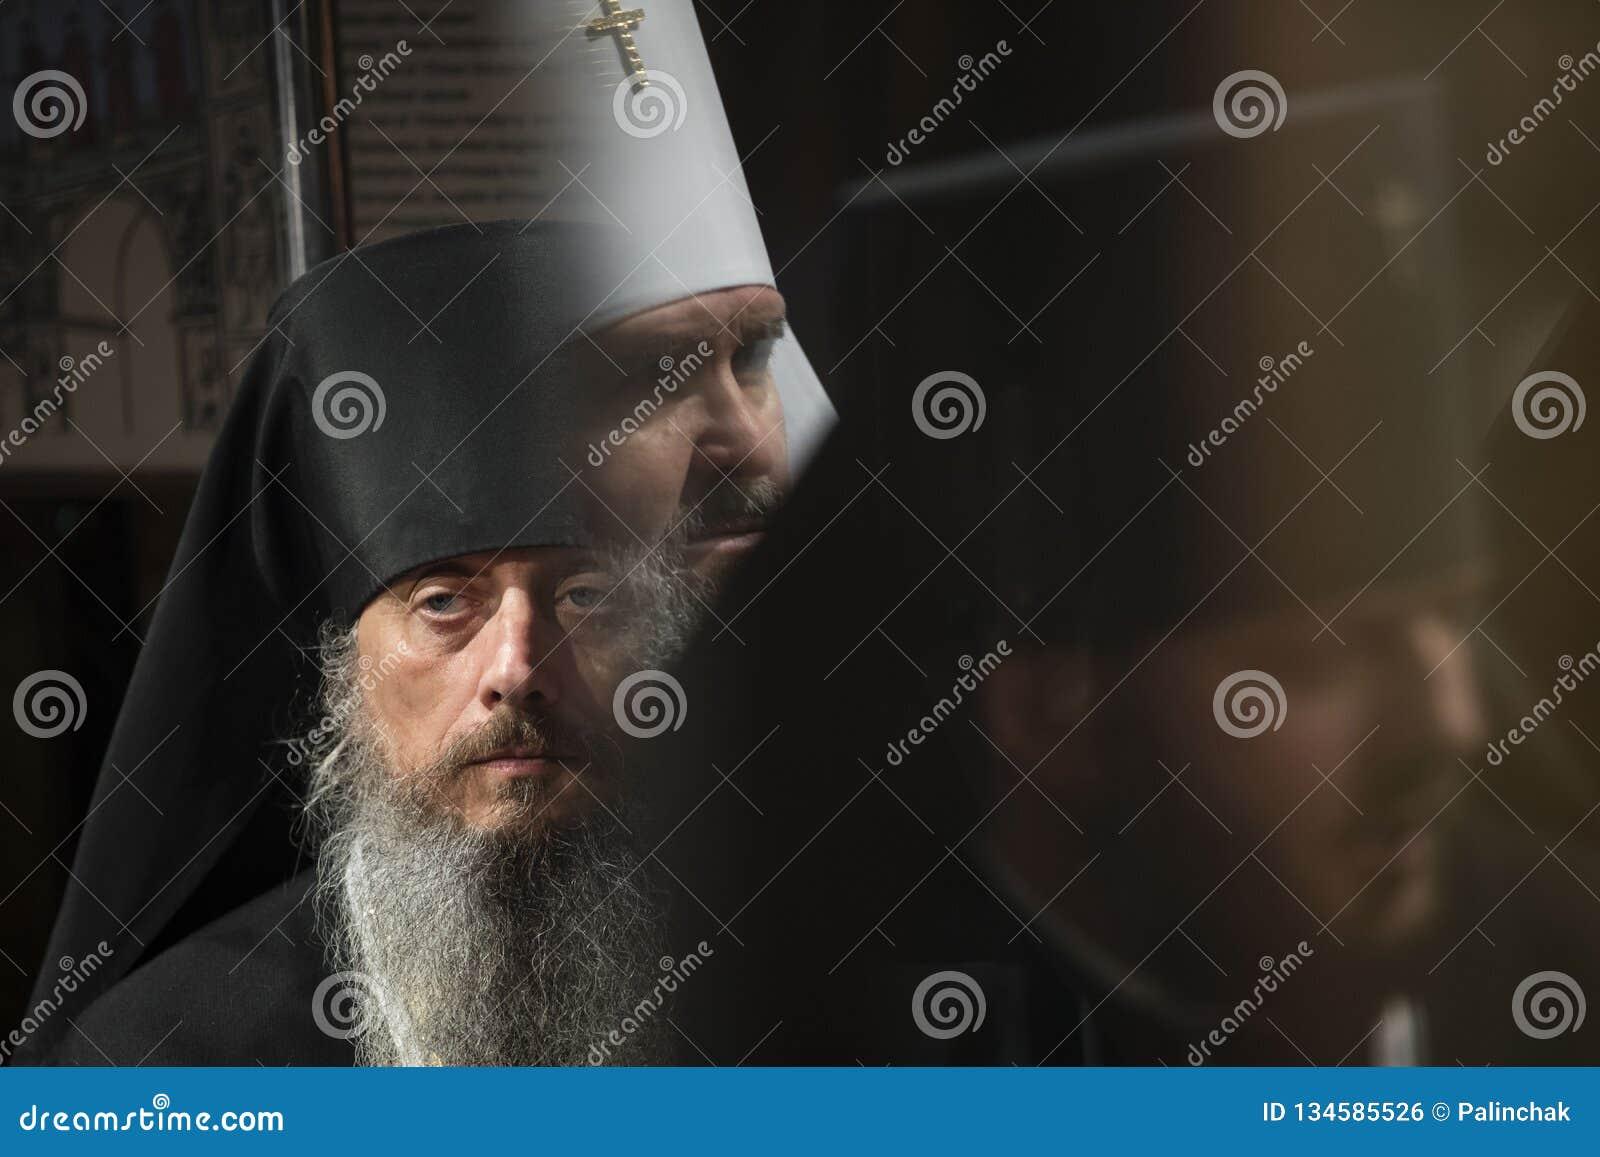 Το Συμβούλιο ενότητας των ουκρανικών Ορθόδοξων Εκκλησιών